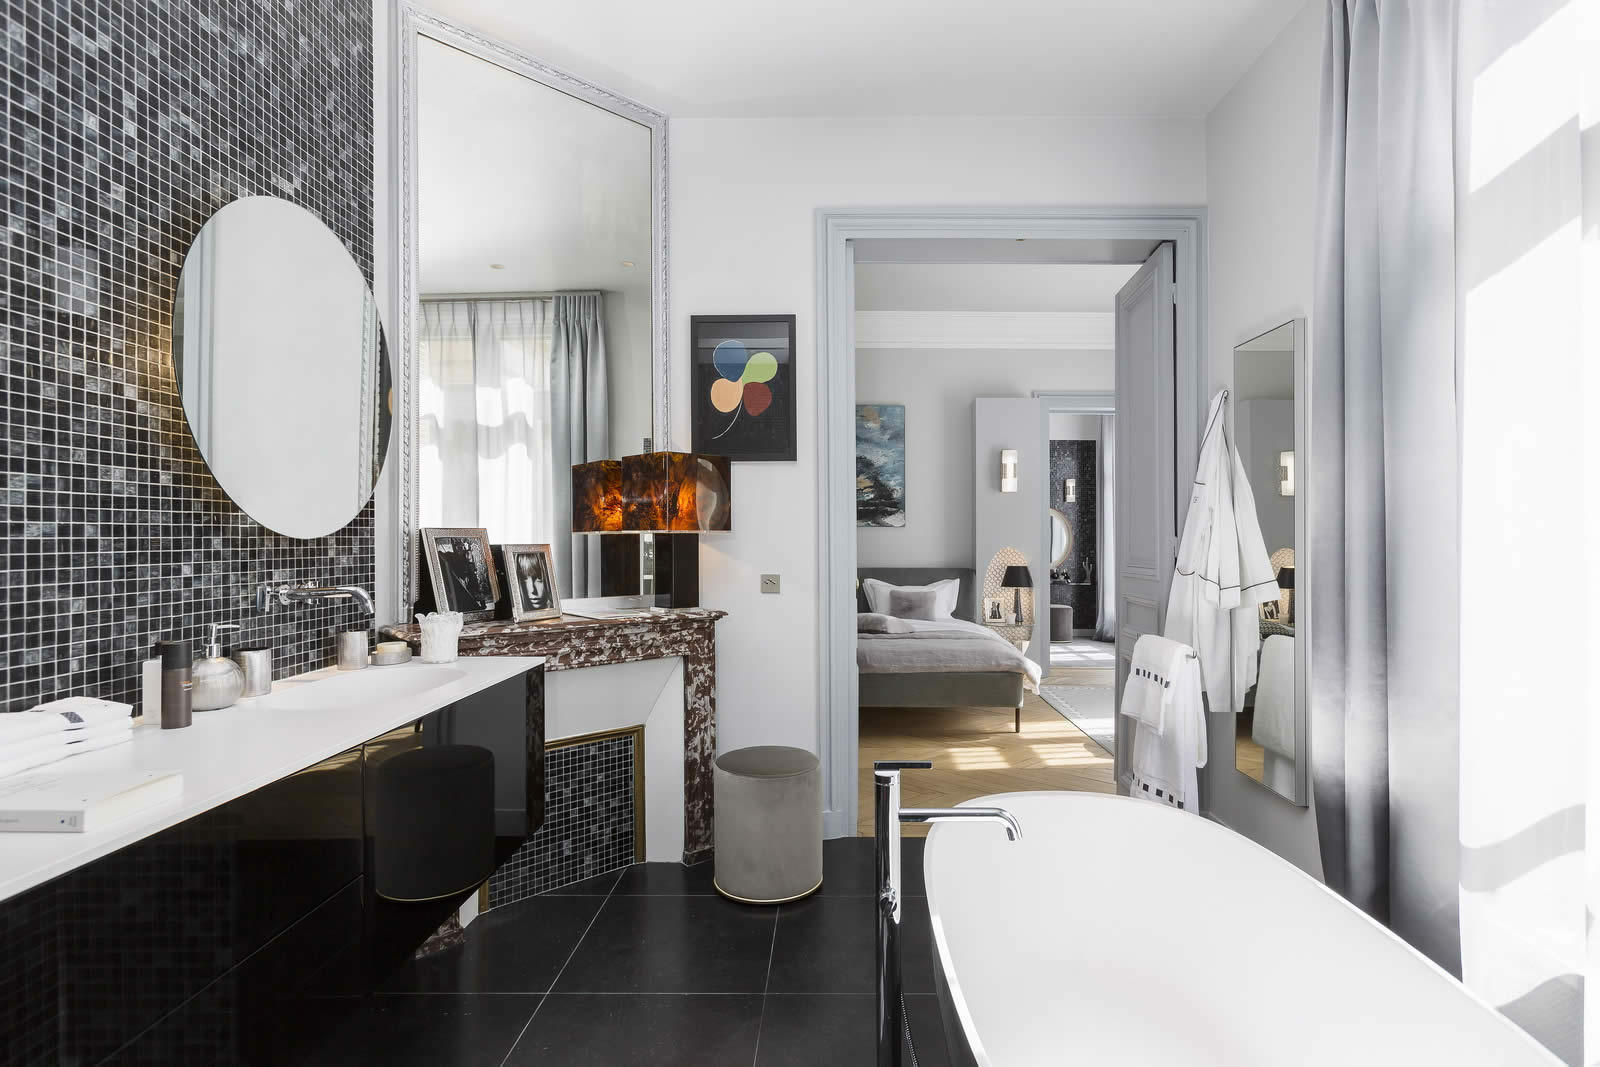 appartement-decore-gerard-faivre-a-vendre-avenue-marceau-vue-ensoleille-salon-cave-gardien